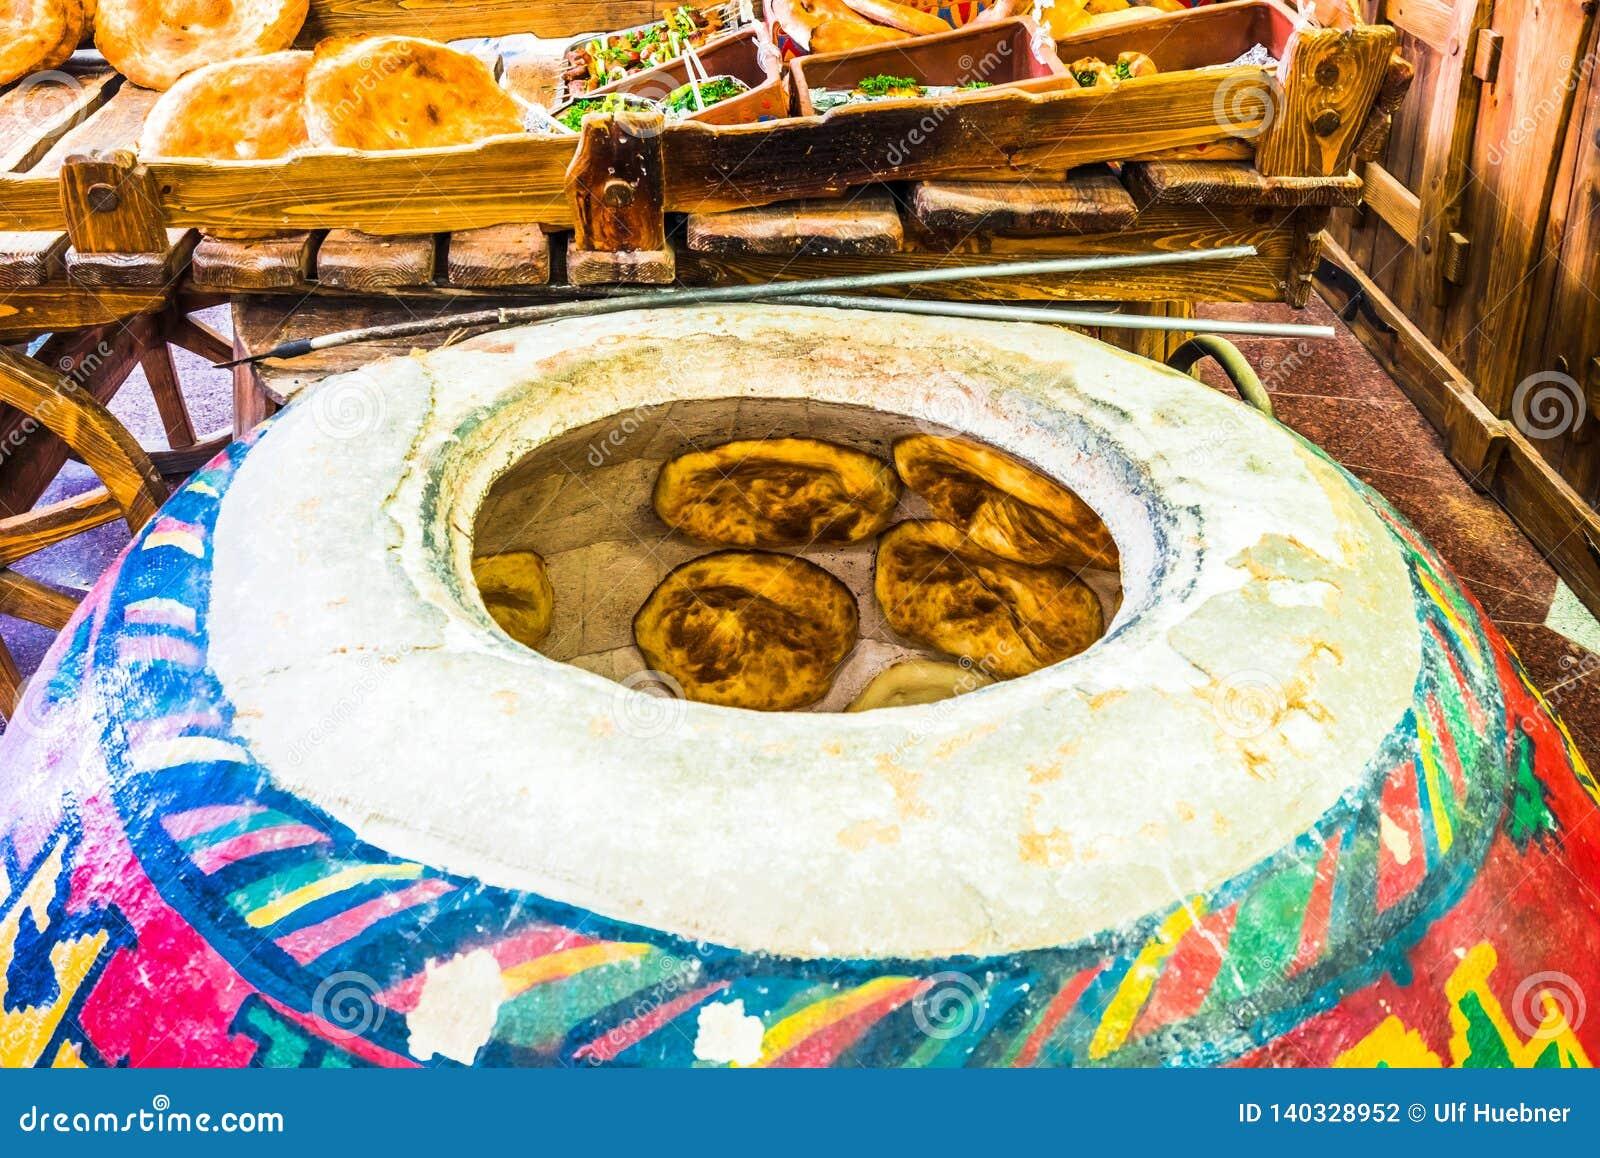 Het Weergeven op huis maakte lavash brood wordt gebakken binnen een traditionele Armeense geroepen vloeroven tonir